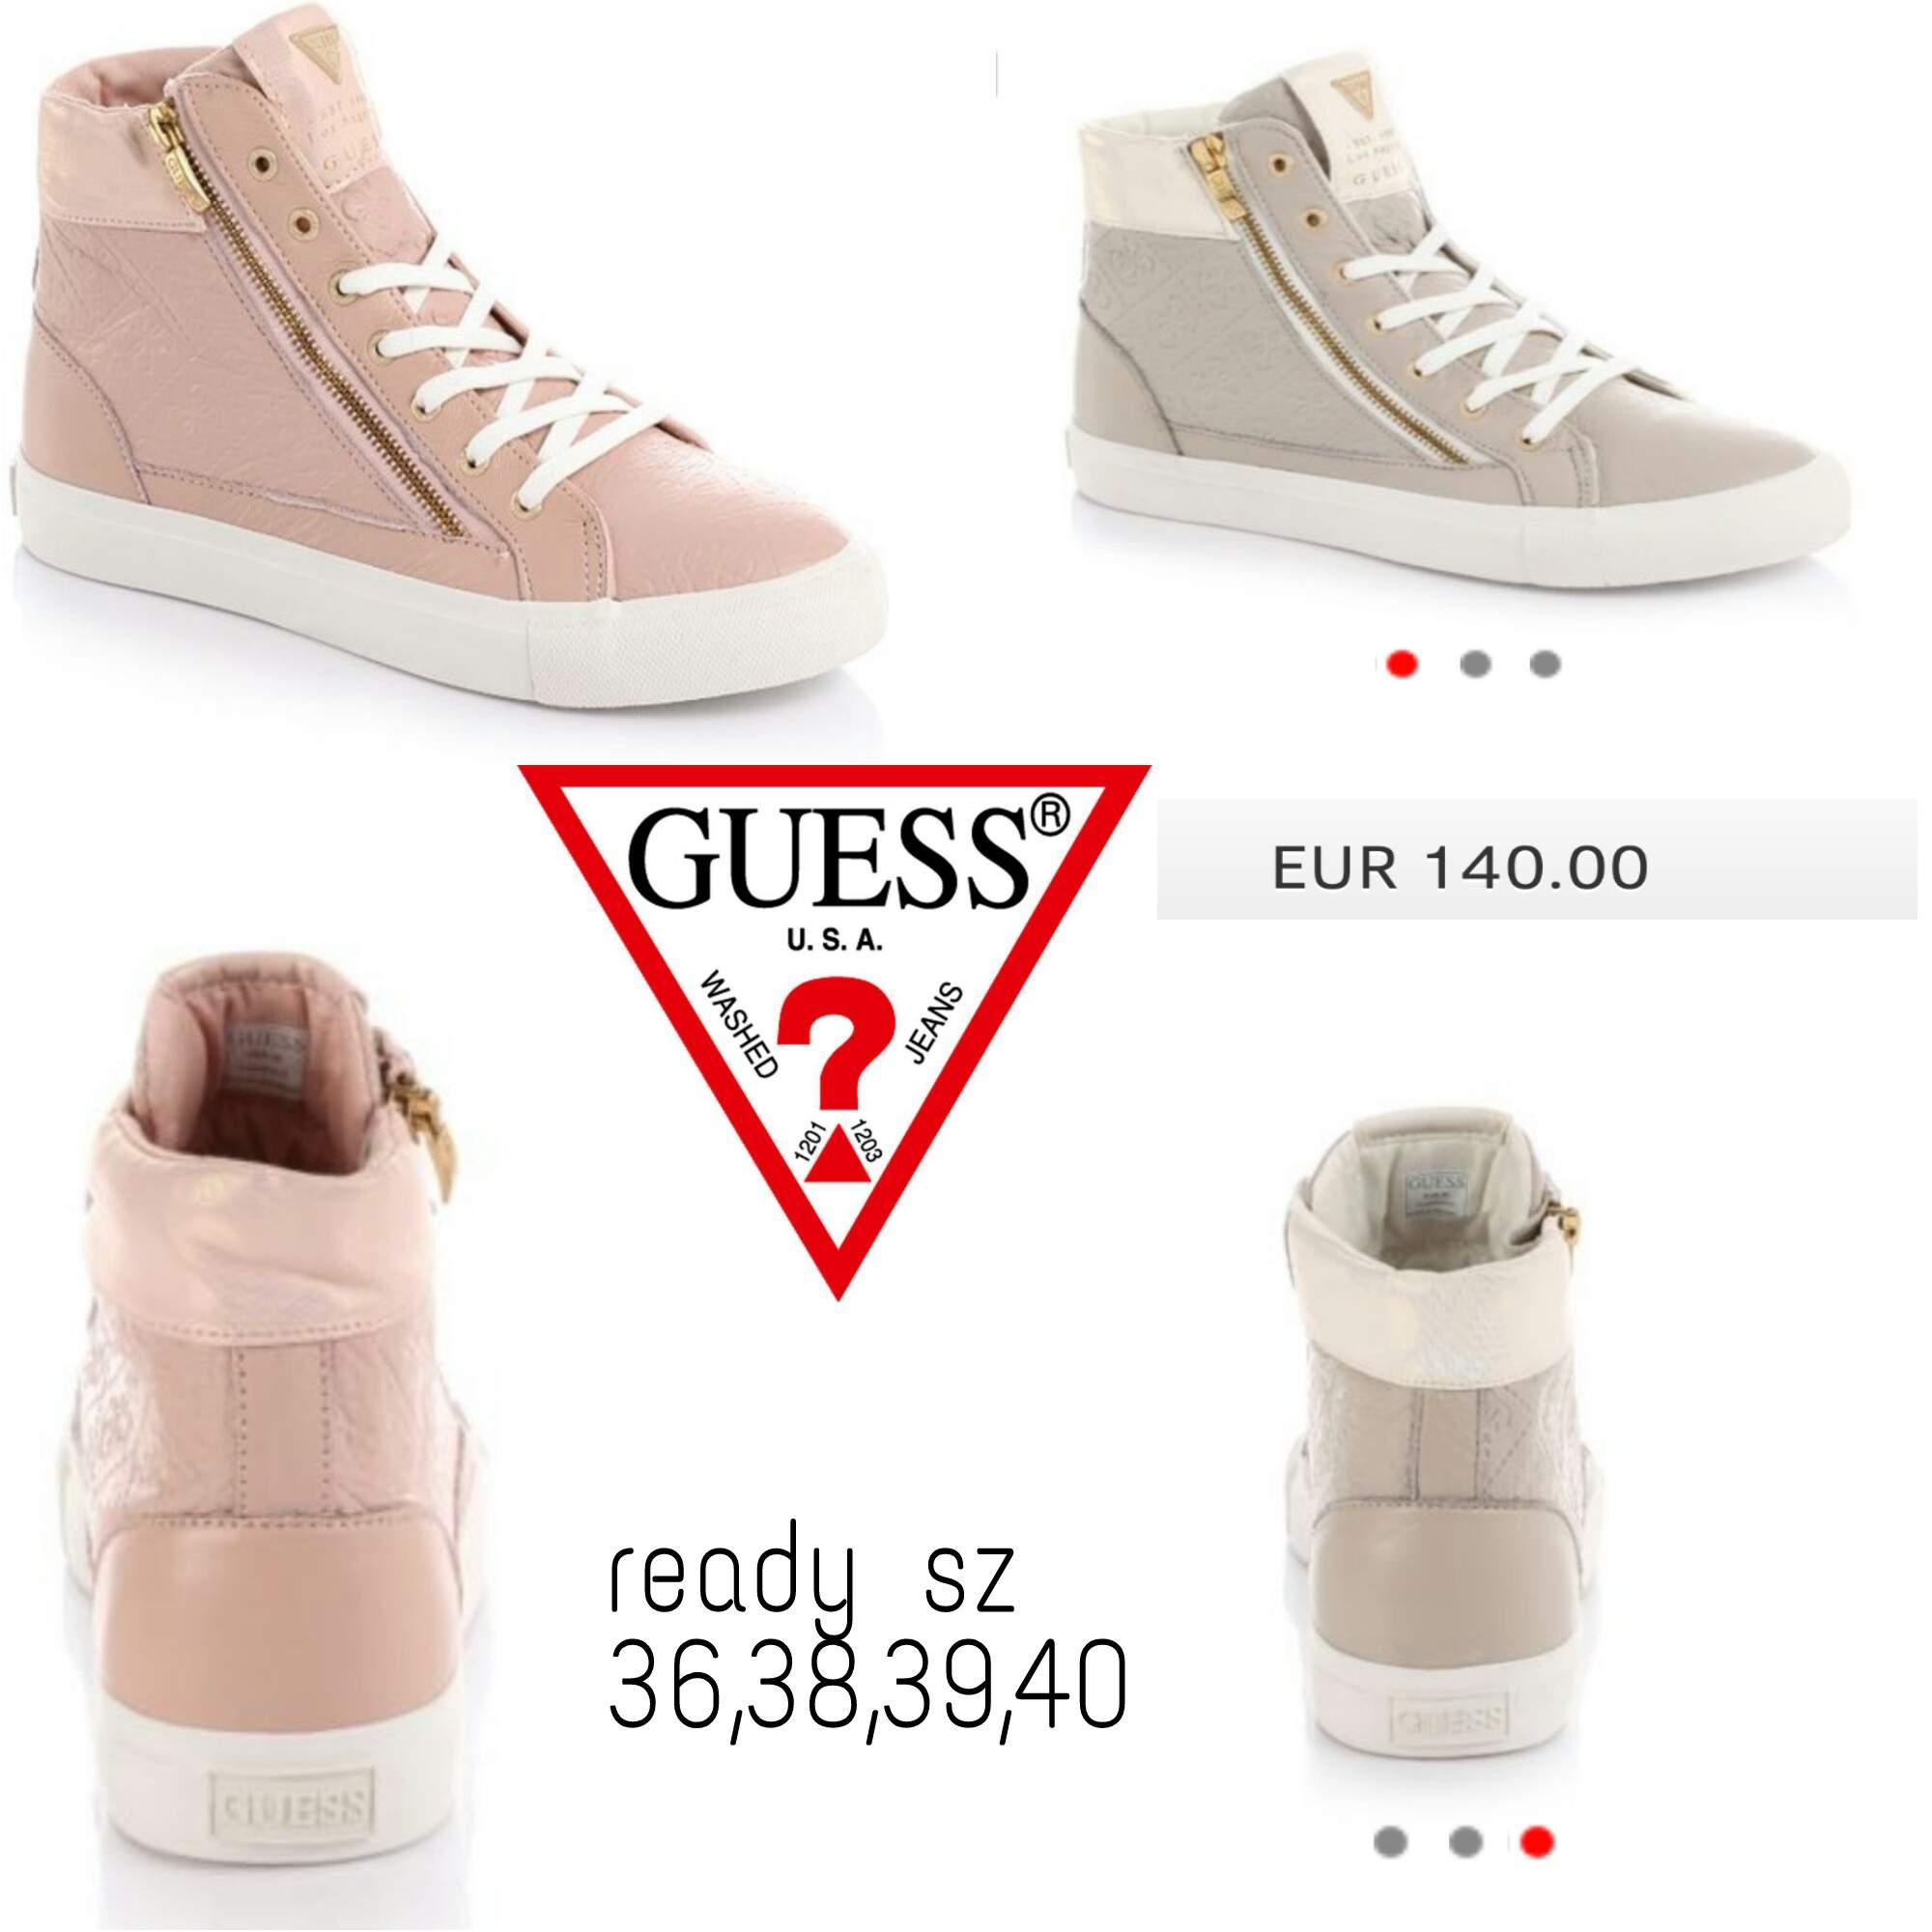 Jual Guess Leather Shoes - Sepatu Kulit Guess Original - Bogor ... ec82bf03bd